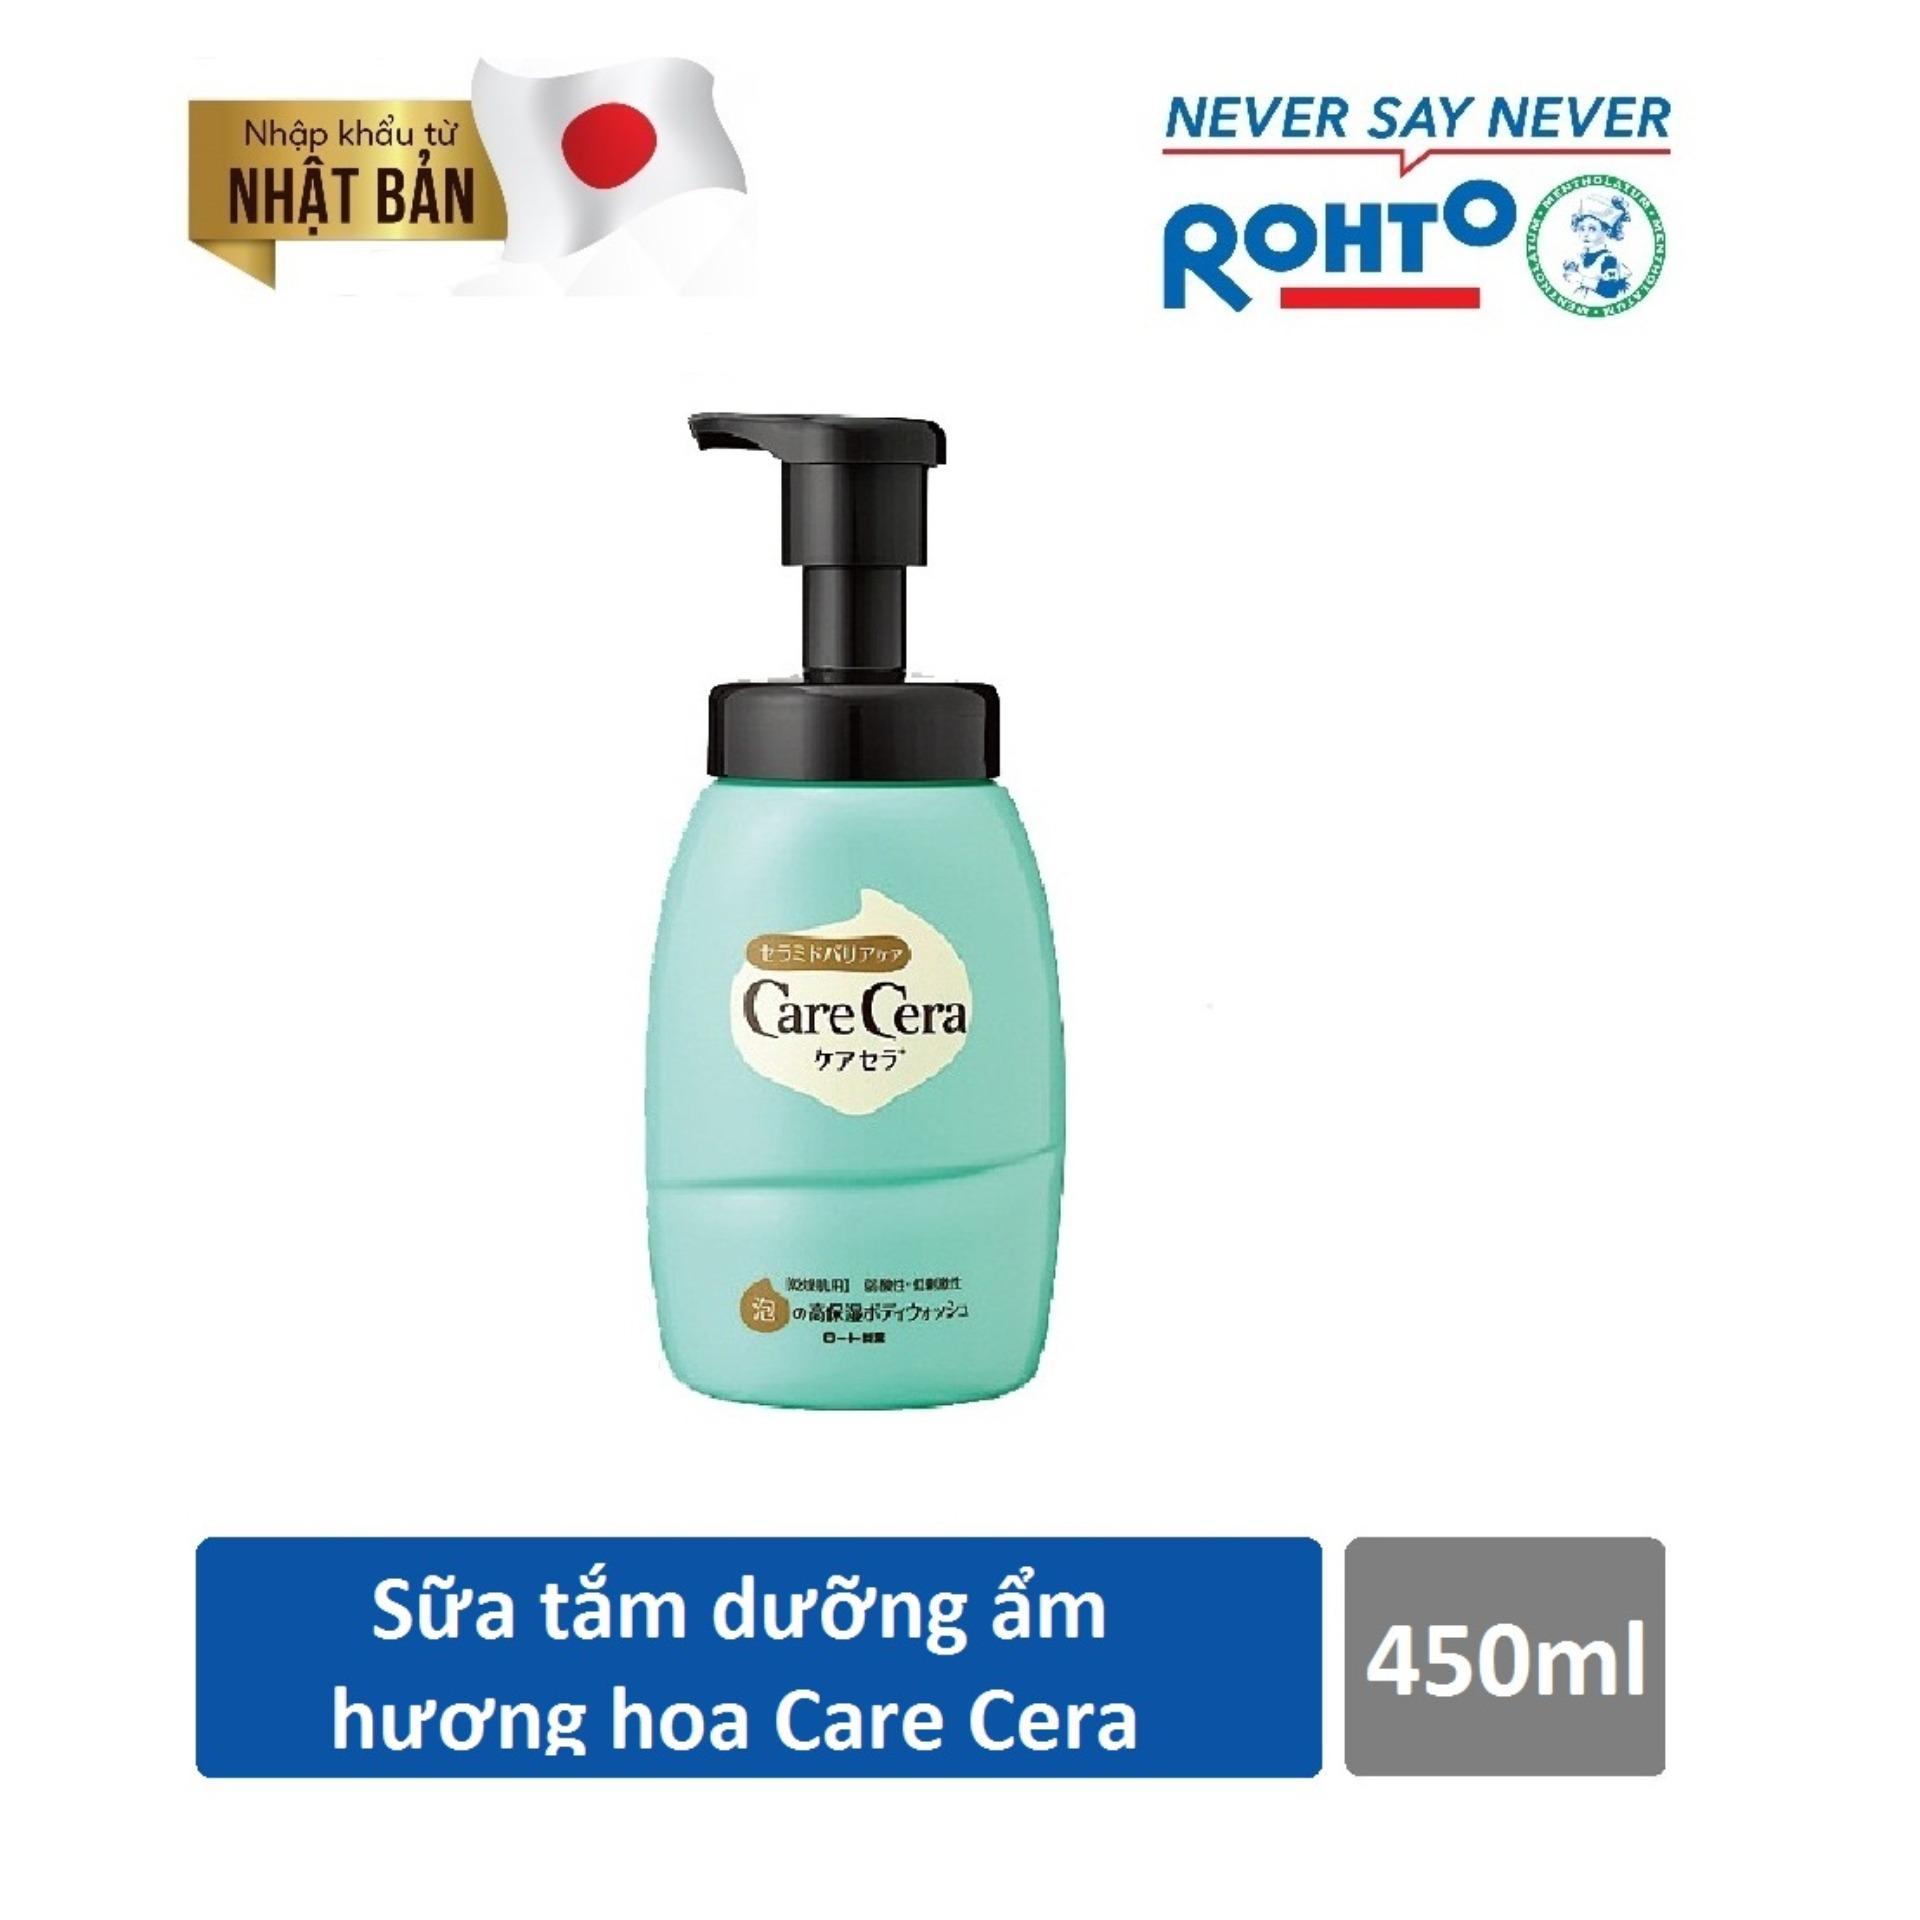 Bán Sữa Tắm Dưỡng Ẩm Hương Hoa Tự Nhien Care Cera Moisturizing Body Wash Pure Floral 450Ml Nhập Khẩu Từ Nhật Bản Rẻ